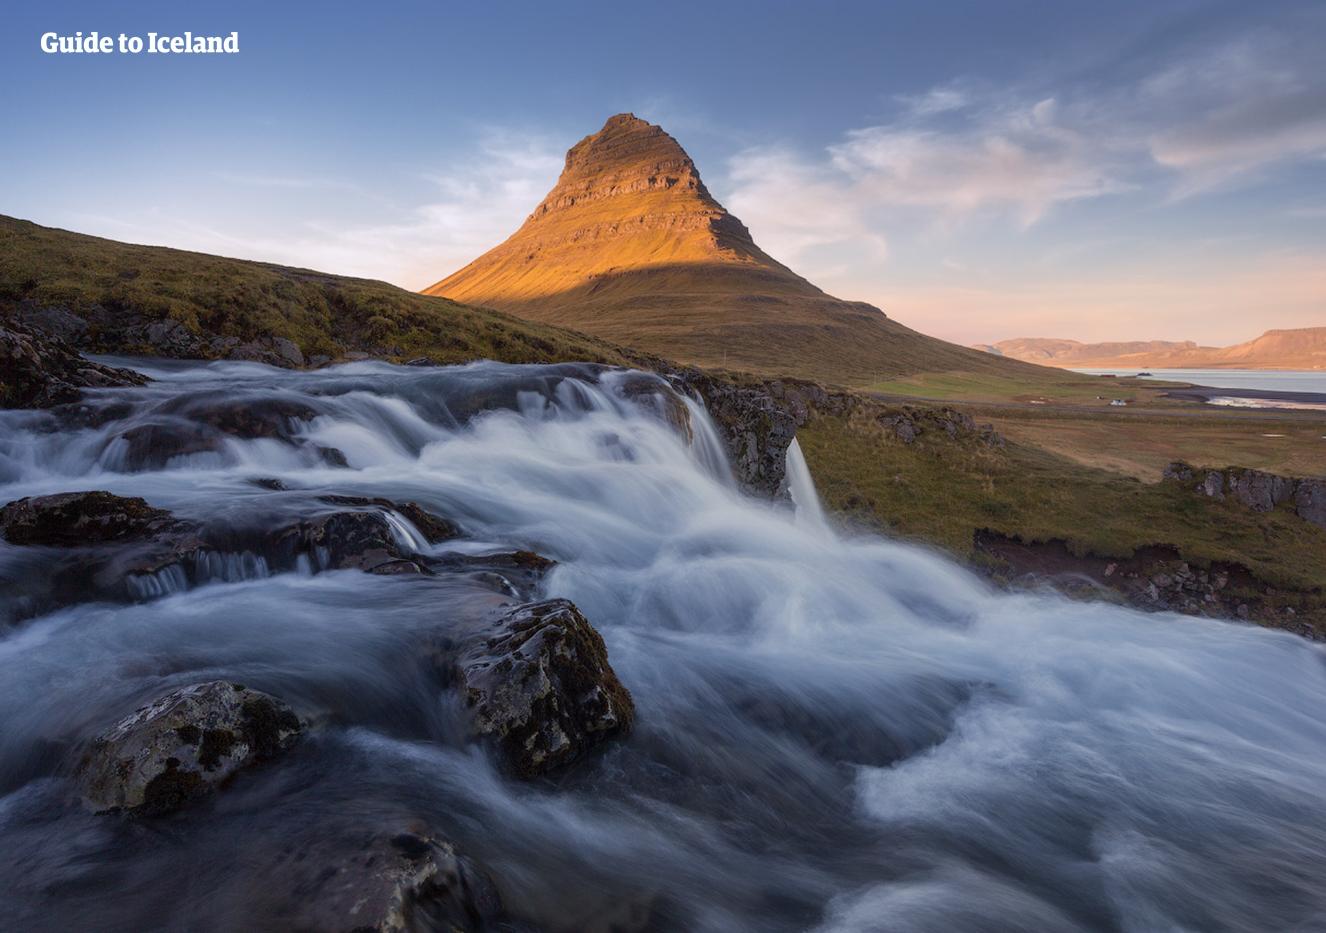 Półwysep Snæfellsnes jest pełen cudów natury, takich jak majestatyczna góra Kirkjufell i leżący nieopodal wodospad.